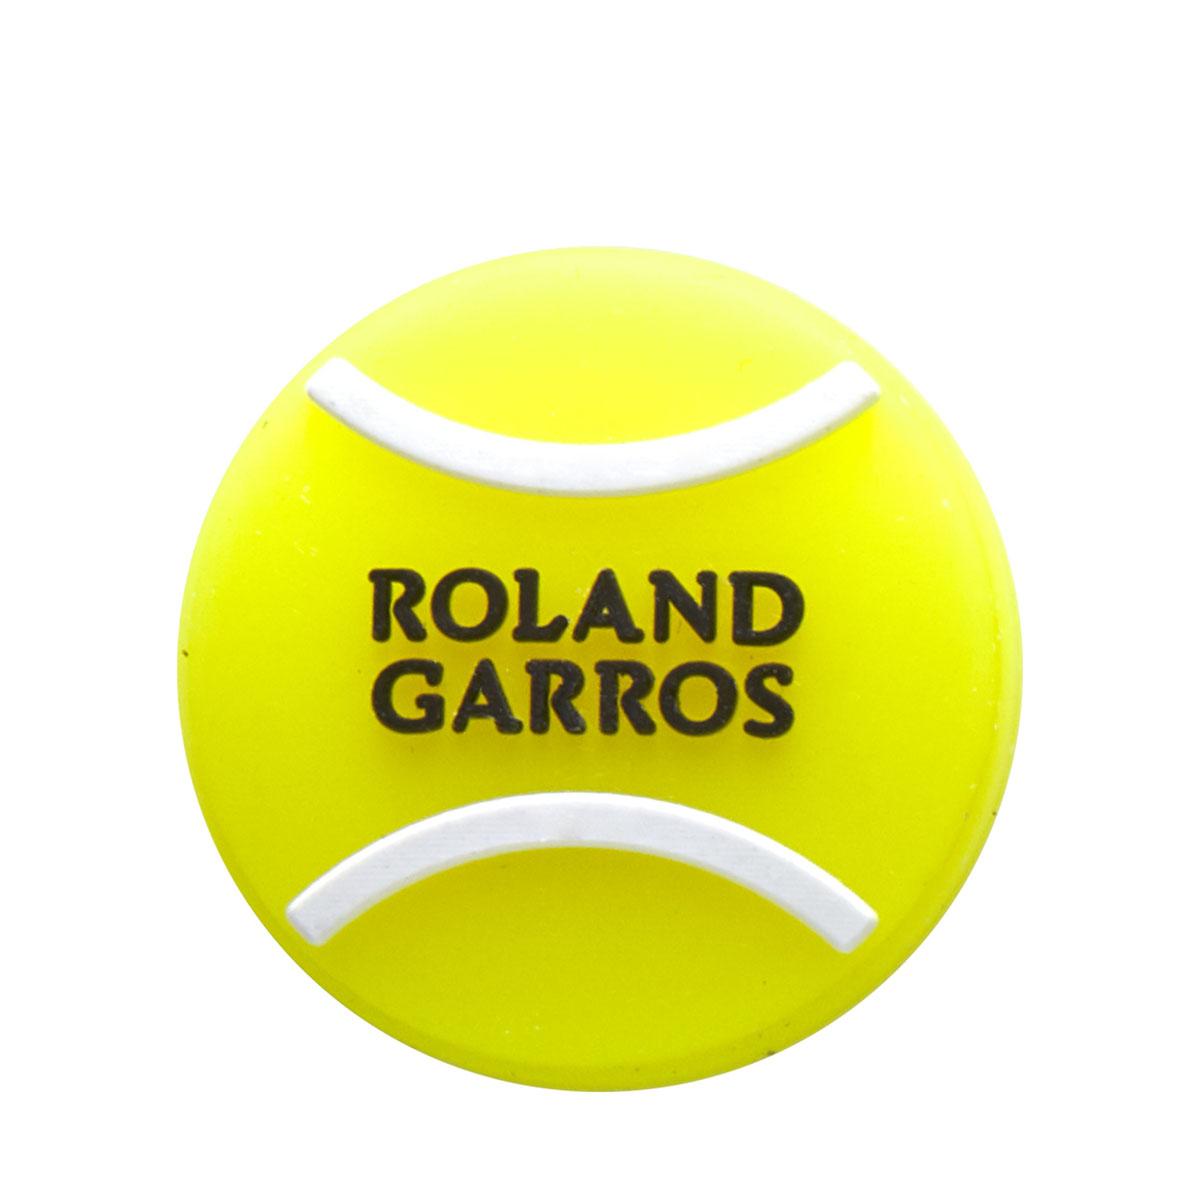 WR8403801_1_RG_Tennis_Ball_Dampener_YE.png.cq5dam.web.2000.2000